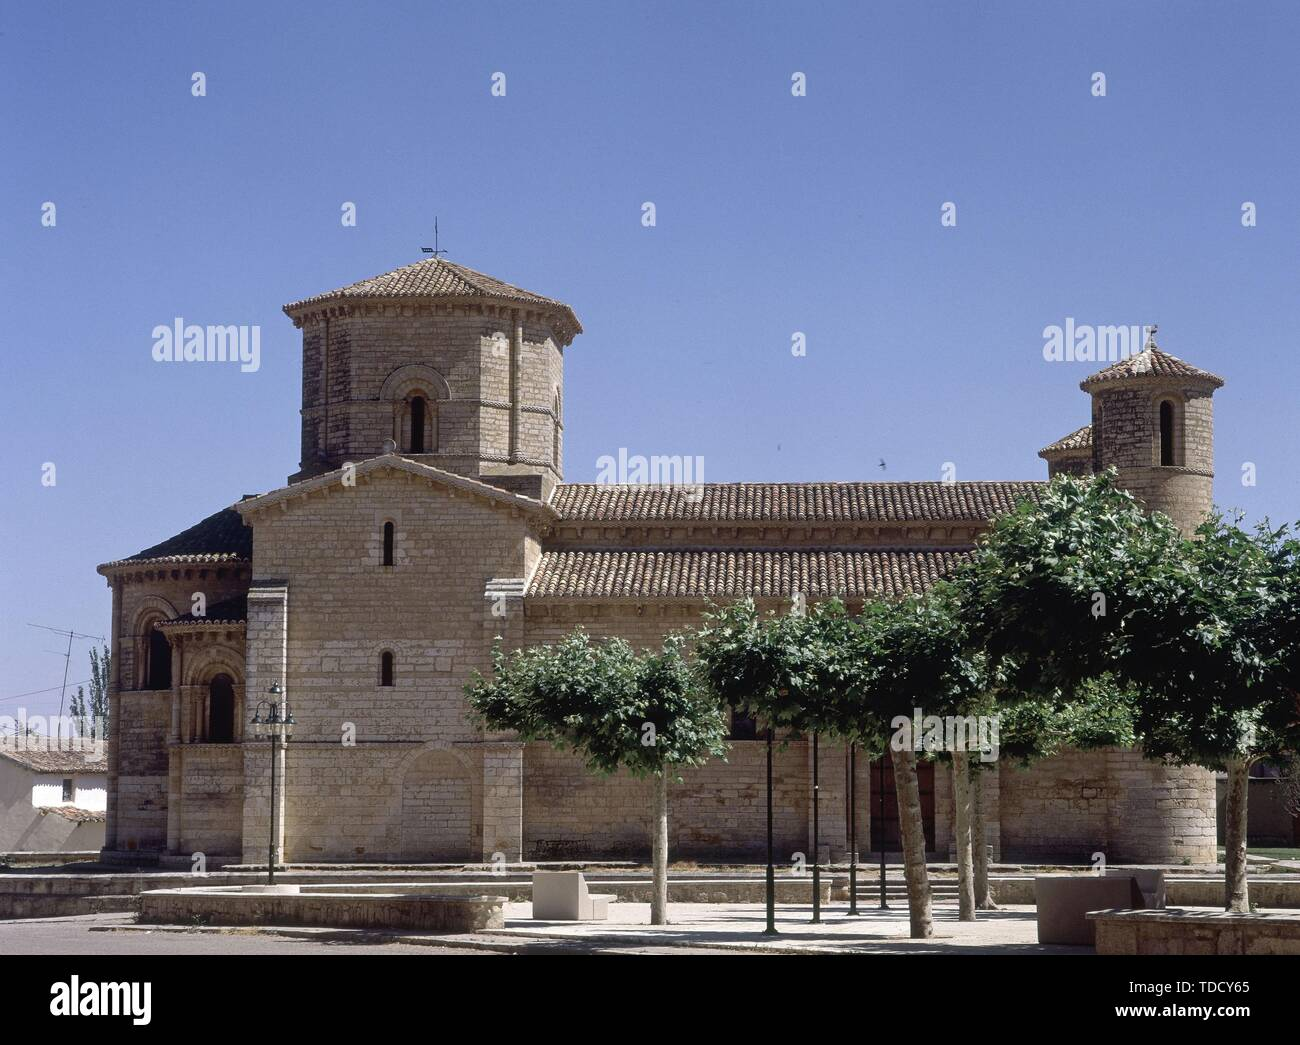 EXTERIOR - IGLESIA DE SAN MARTIN - SIGLO XI - ROMANICO ESPAÑOL - RESTAURADA ENTRE 1896 Y 1904. Location: IGLESIA DE SAN MARTIN. FROMISTA. PALENCIA. SPAIN. - Stock Image